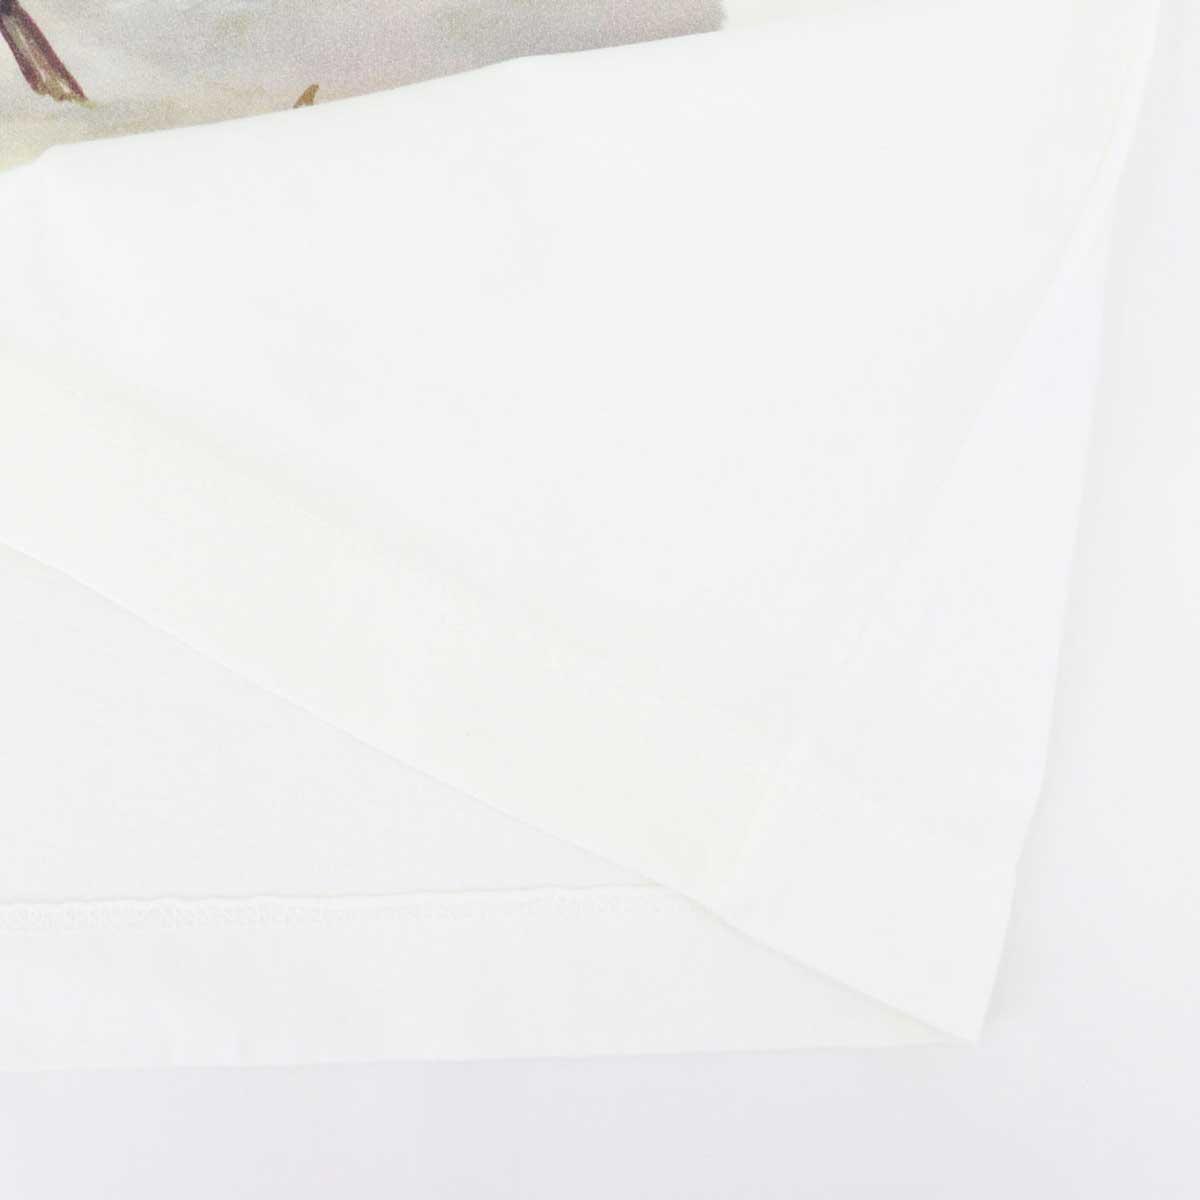 【クリアランスセール】チルコロ1901 CIRCOLO1901 メンズ コットン クルーネック 半袖 プリントTシャツ 0104-267850(ホワイト)【返品交換不可】